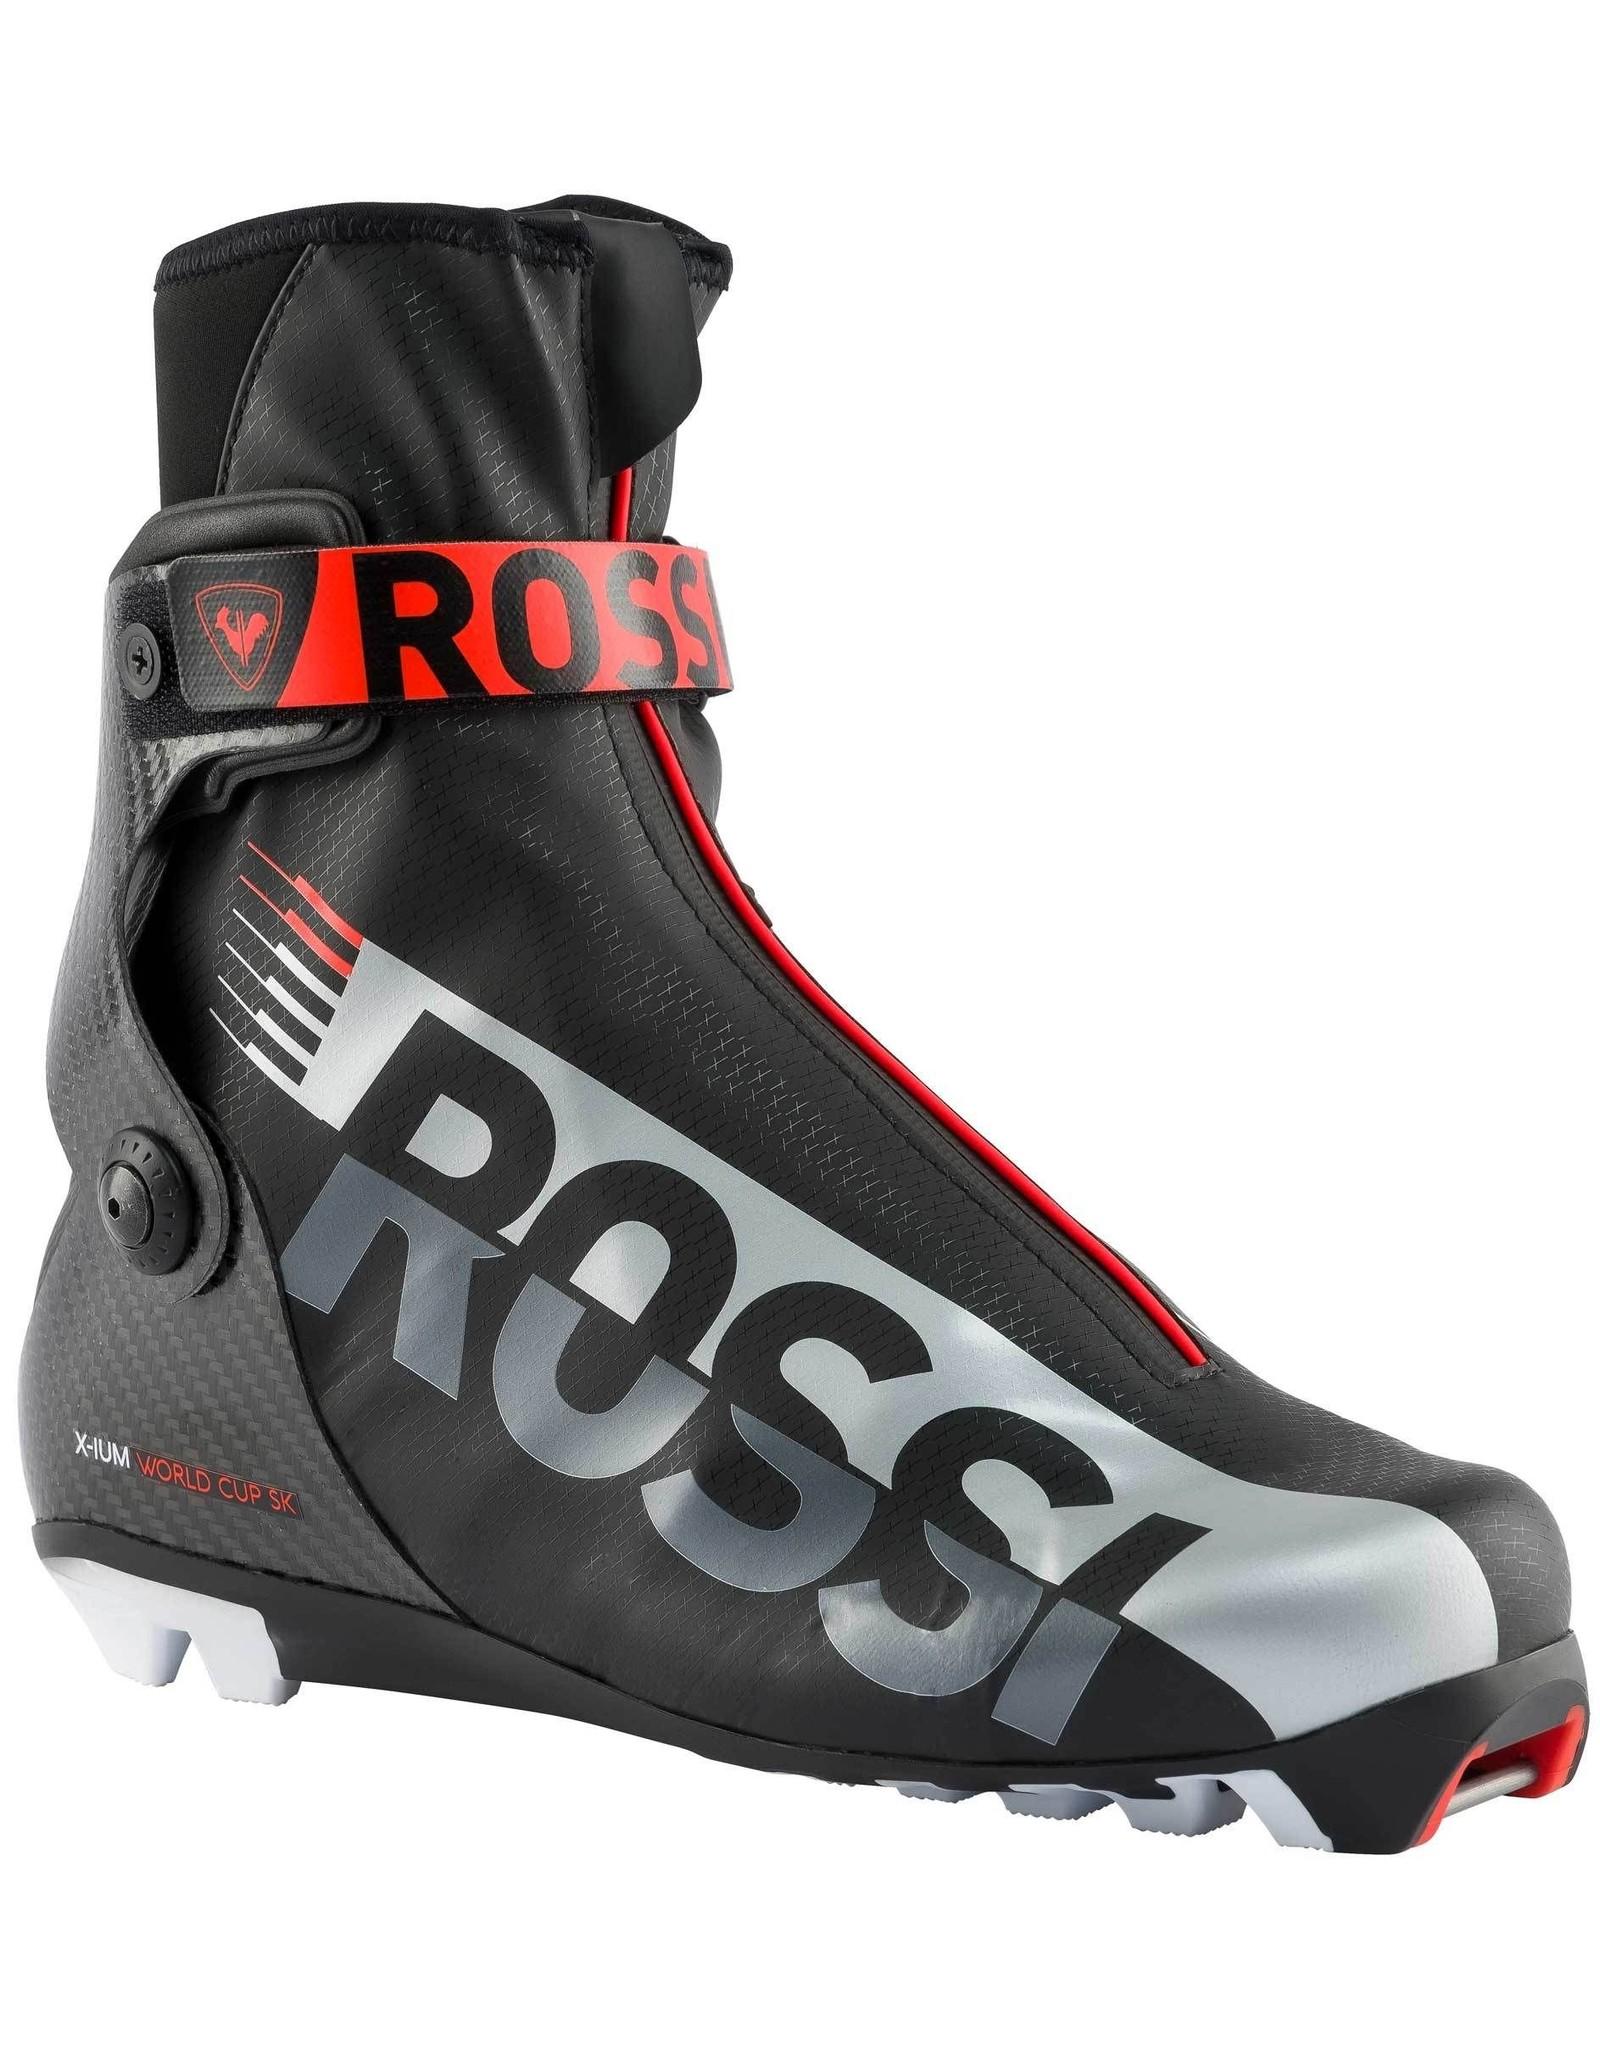 ROSSIGNOL '22, ROSSIGNOL, Boot, X-ium WC Skate FW